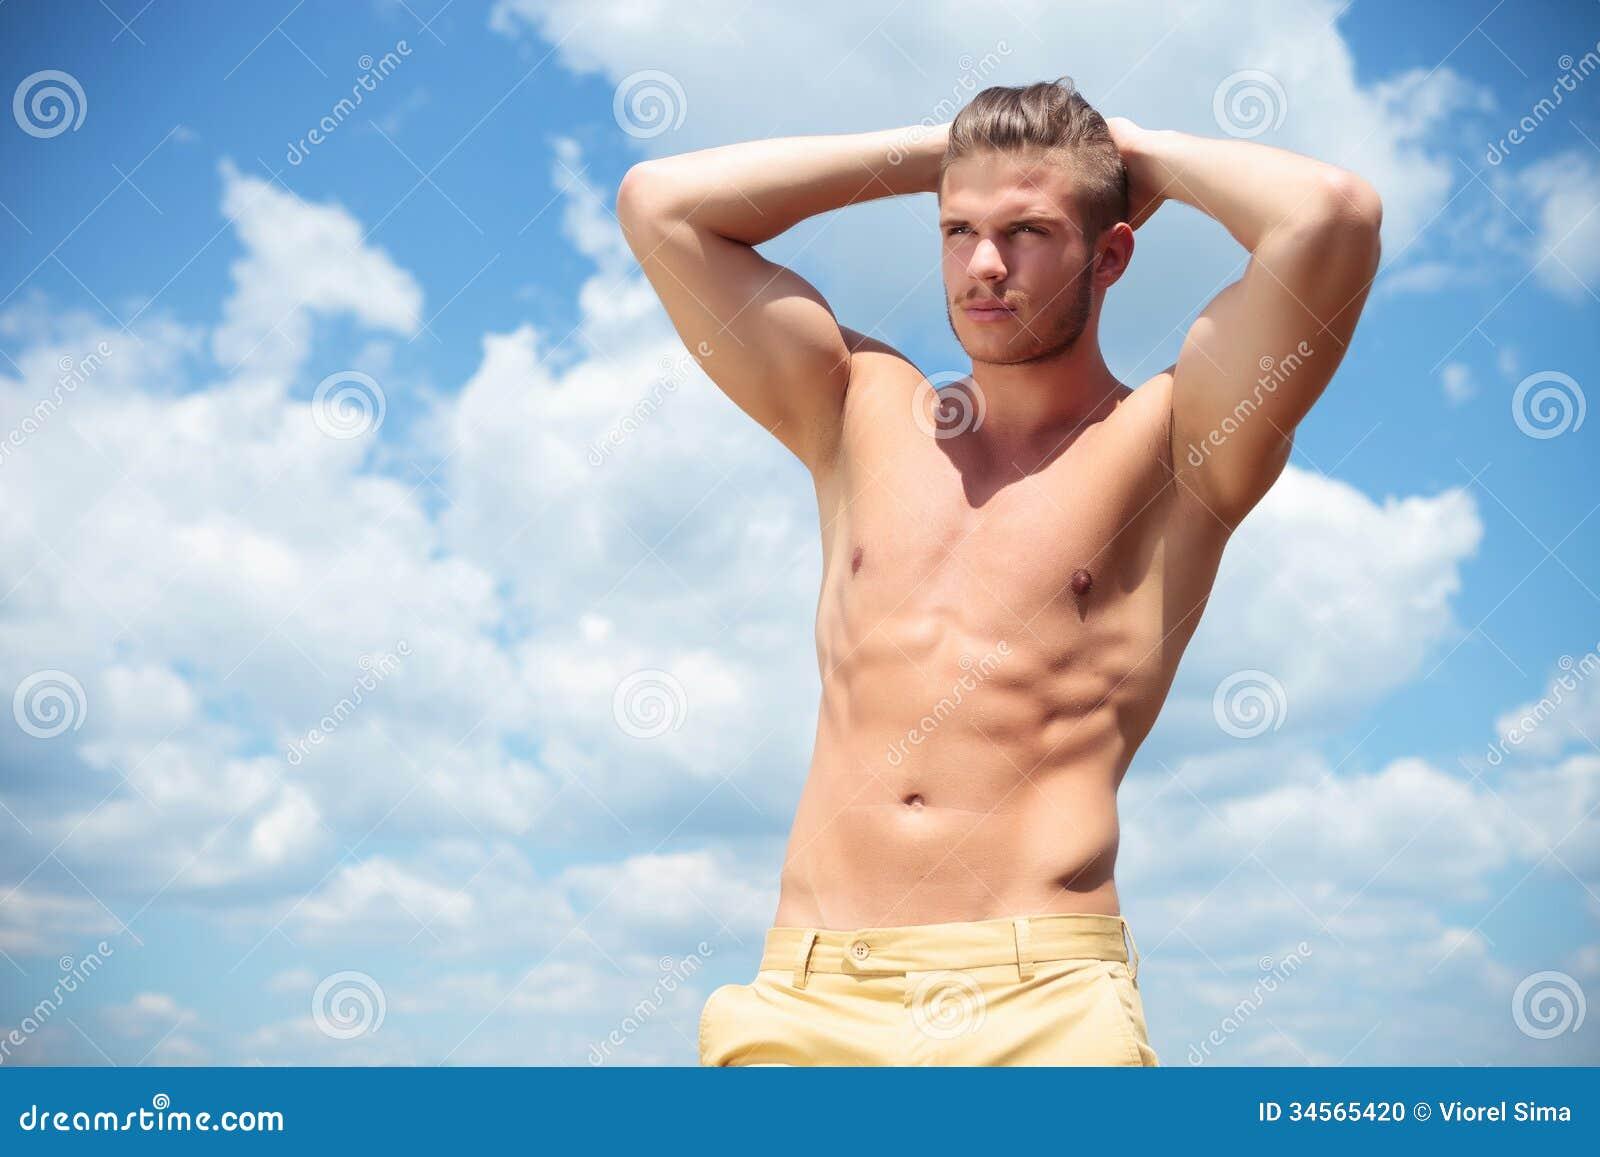 Hombre con las tetas al aire al aire libre con las manos en la parte posterior de la cabeza